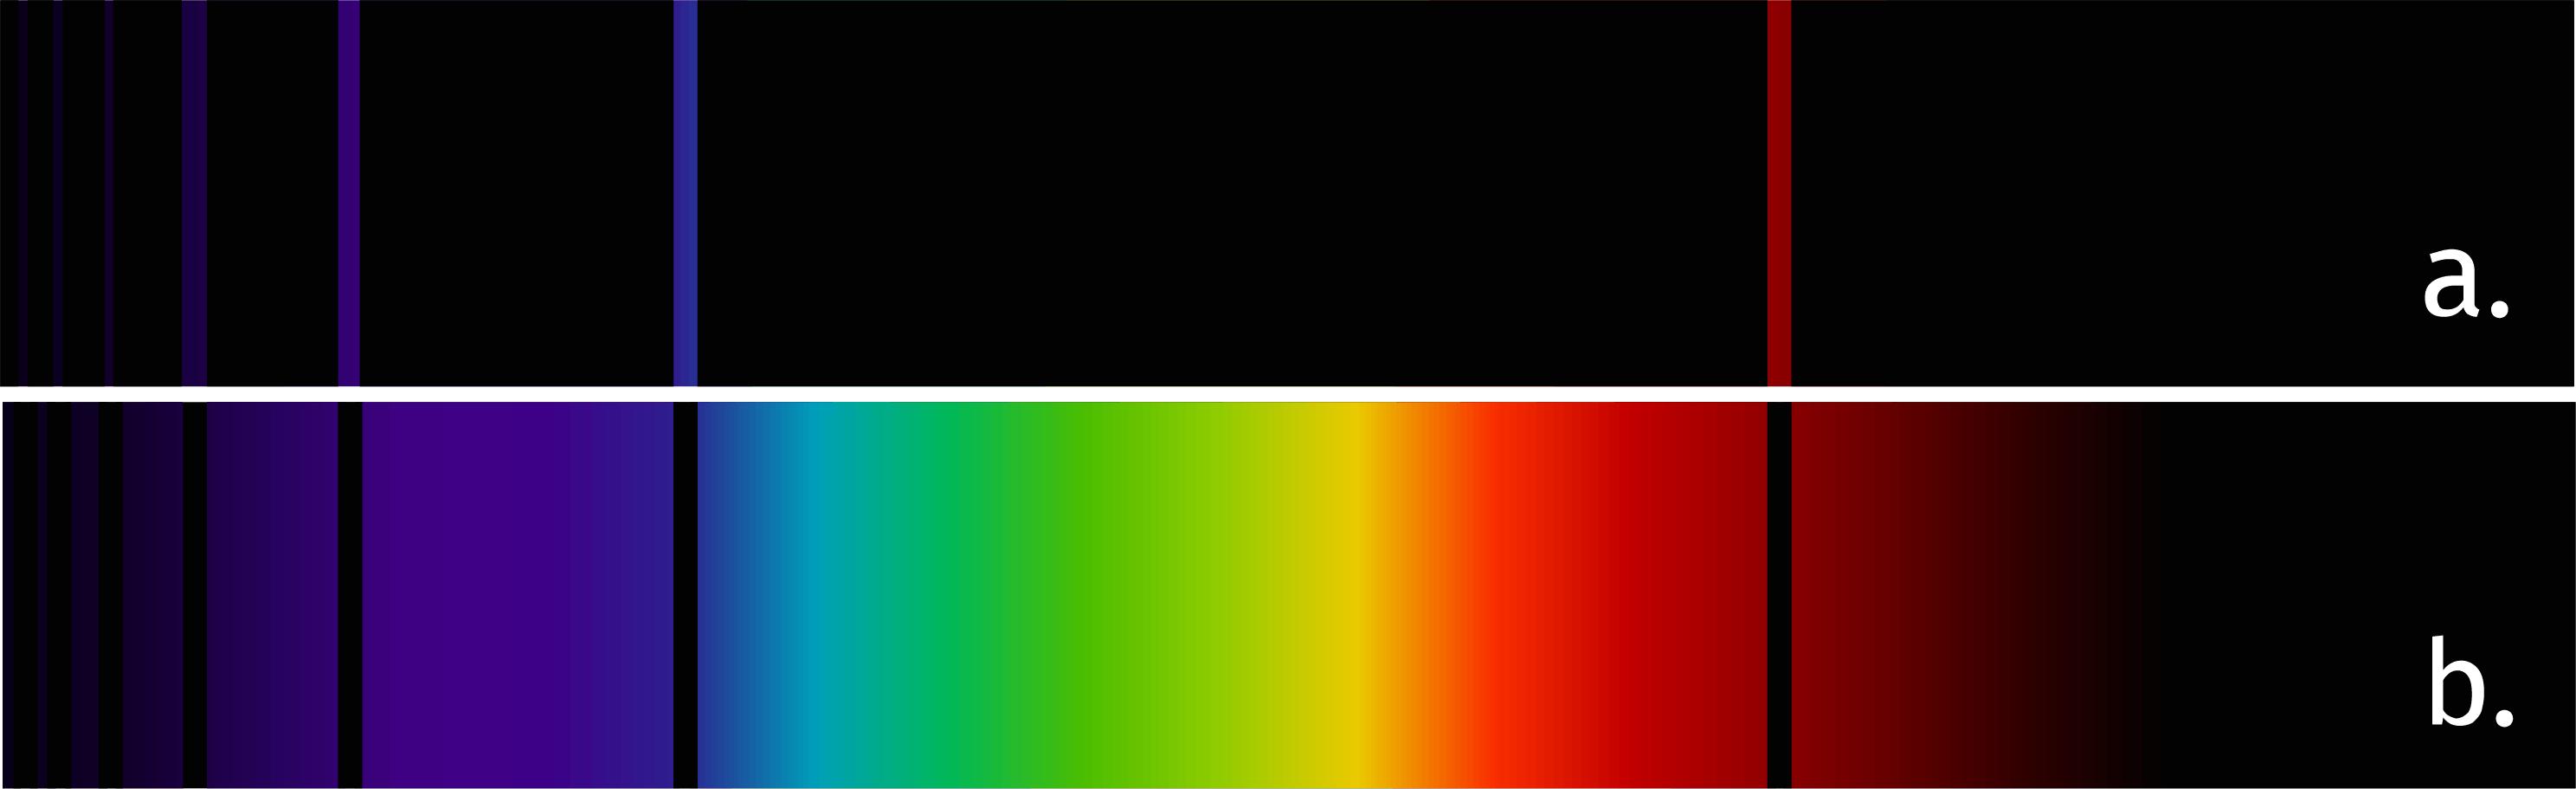 Spectres d'émission (a) et d'absorption (b) de l'atome d'hydrogène.